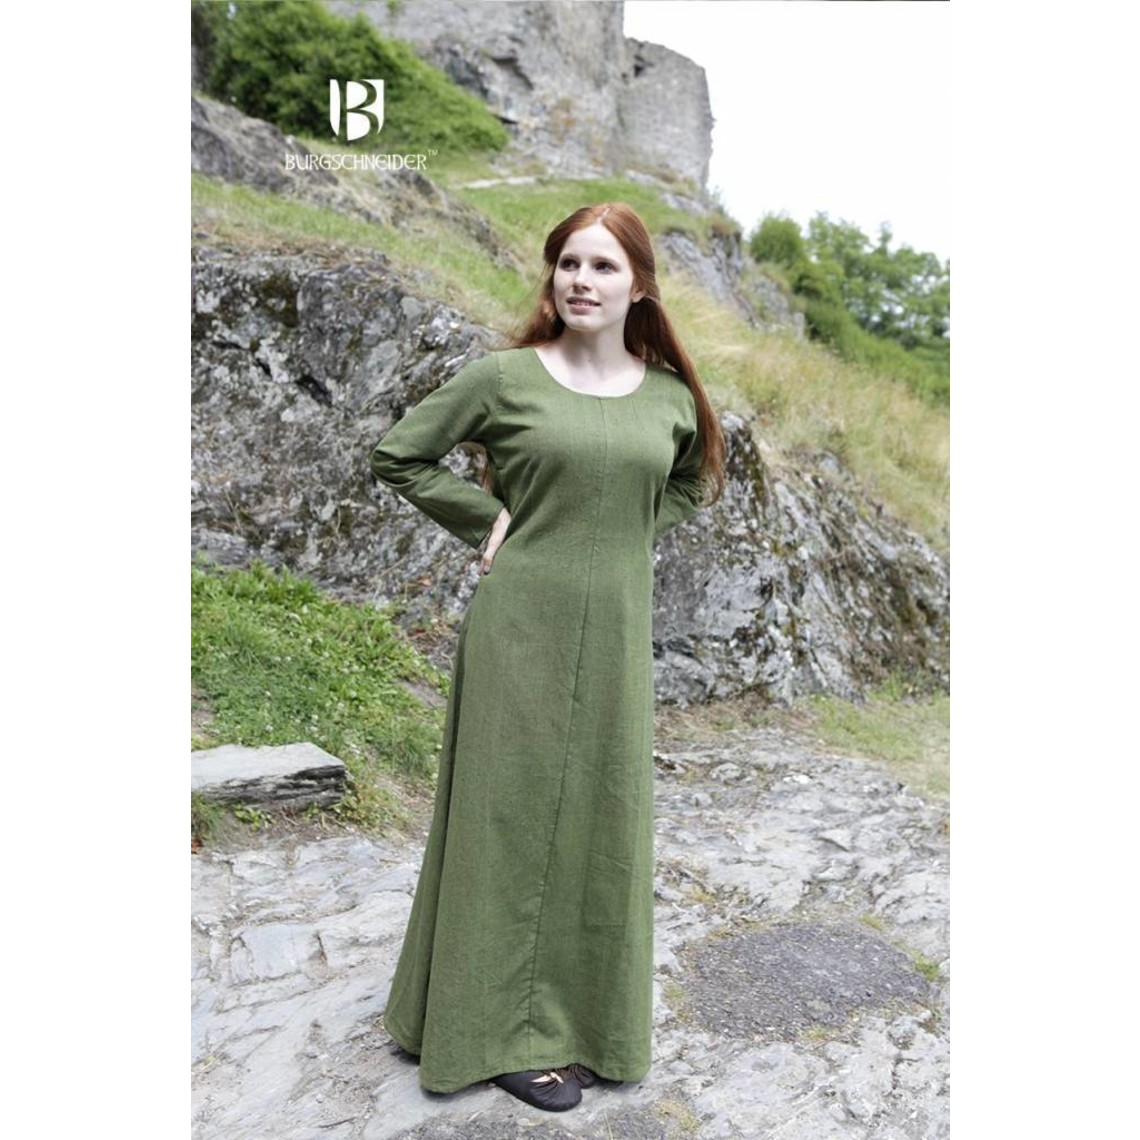 Burgschneider Robe médiévale Freya, vert